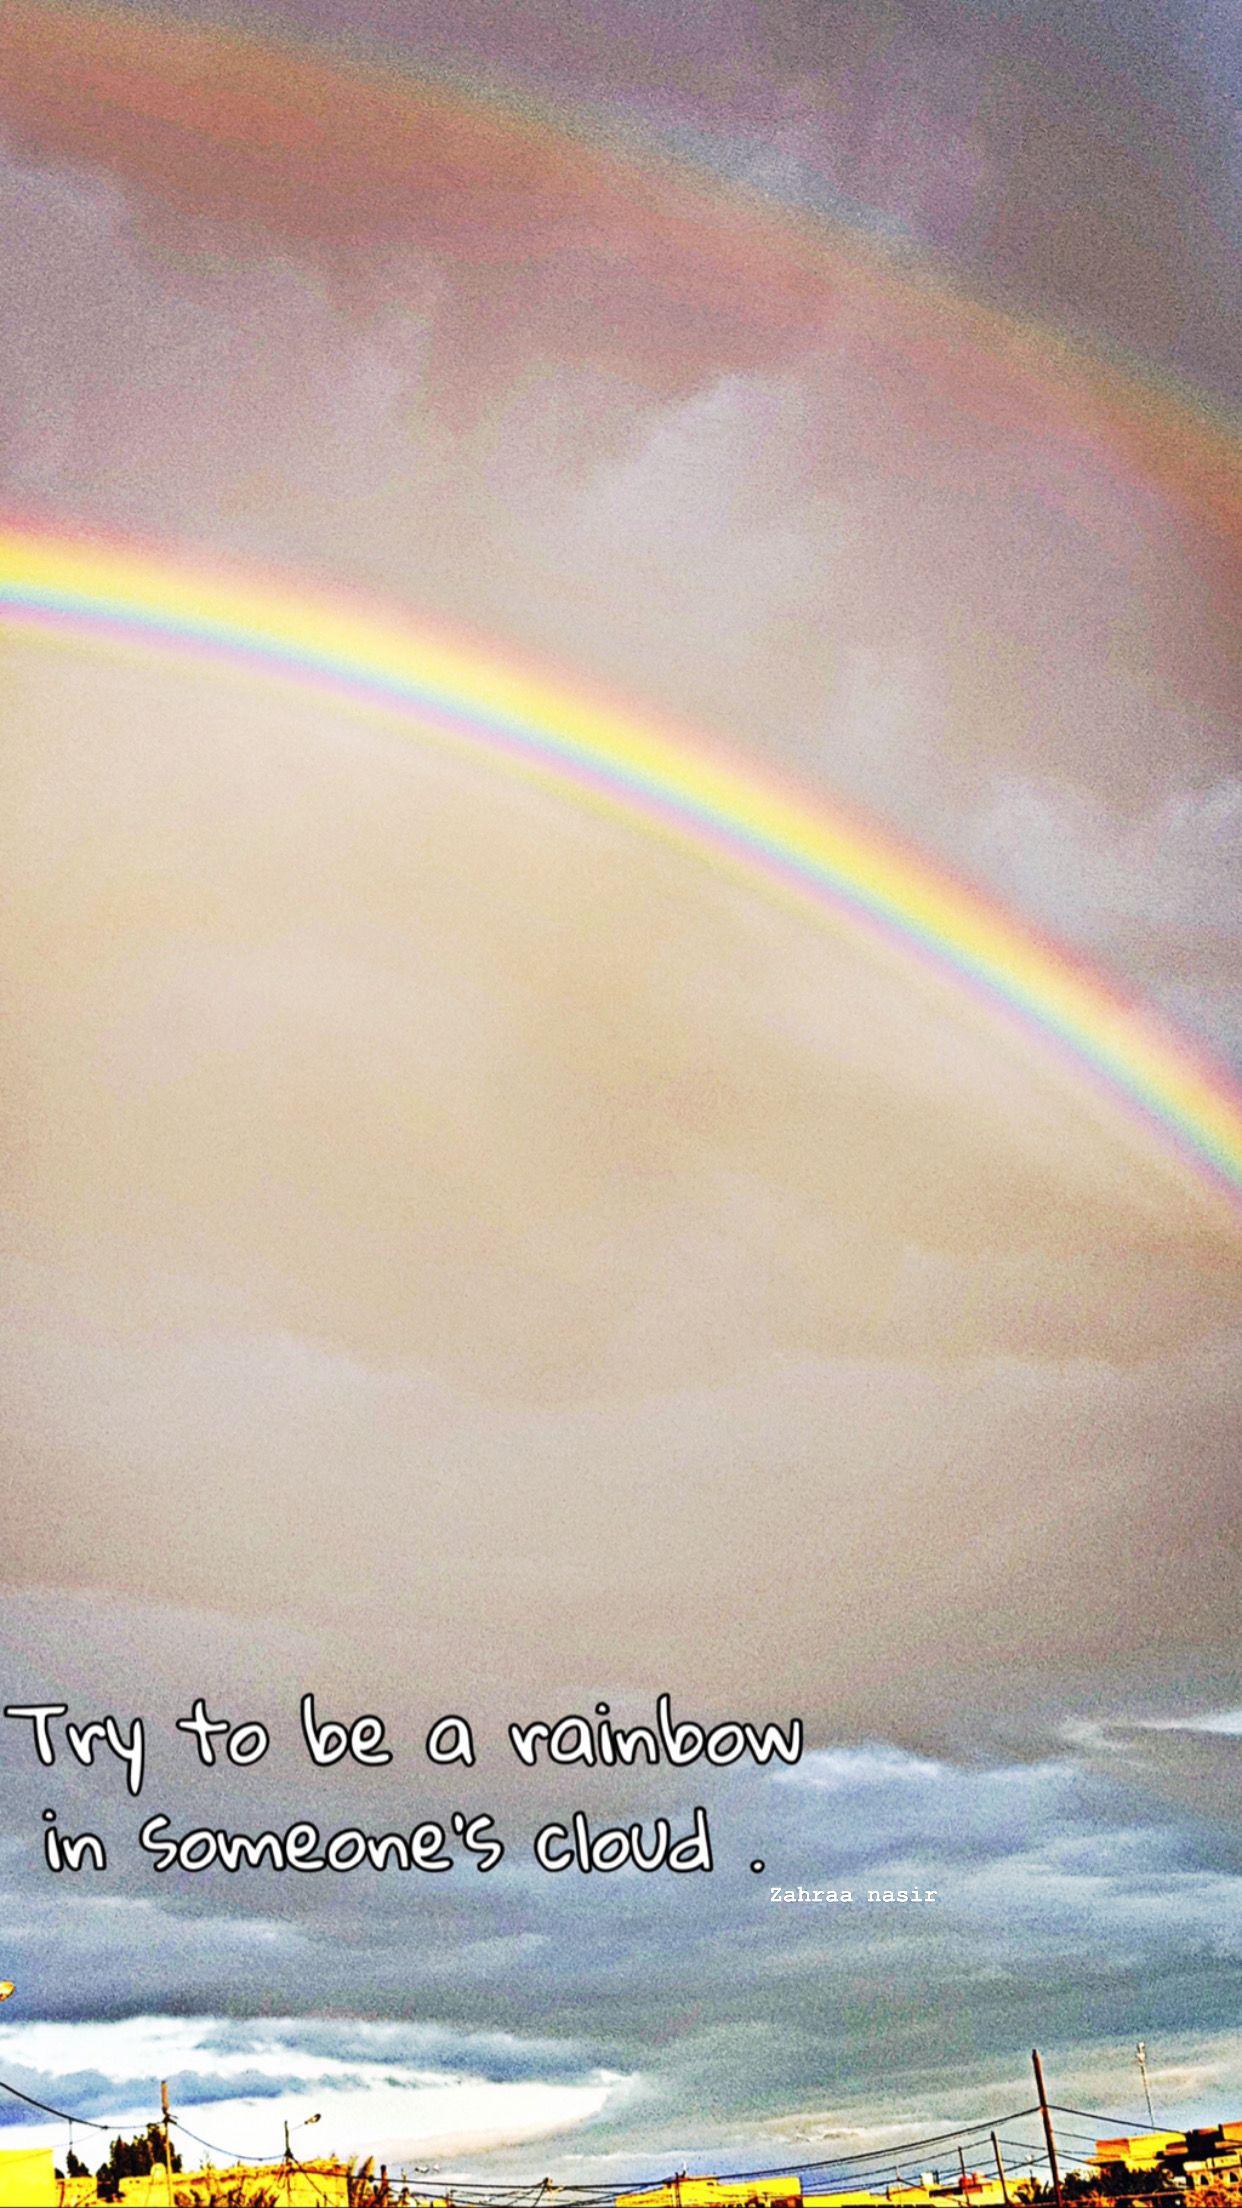 شبكة أجواء الإمارات قوس المطر في خورفكان من الزميل X 9ab Instagram Posts Instagram Photo